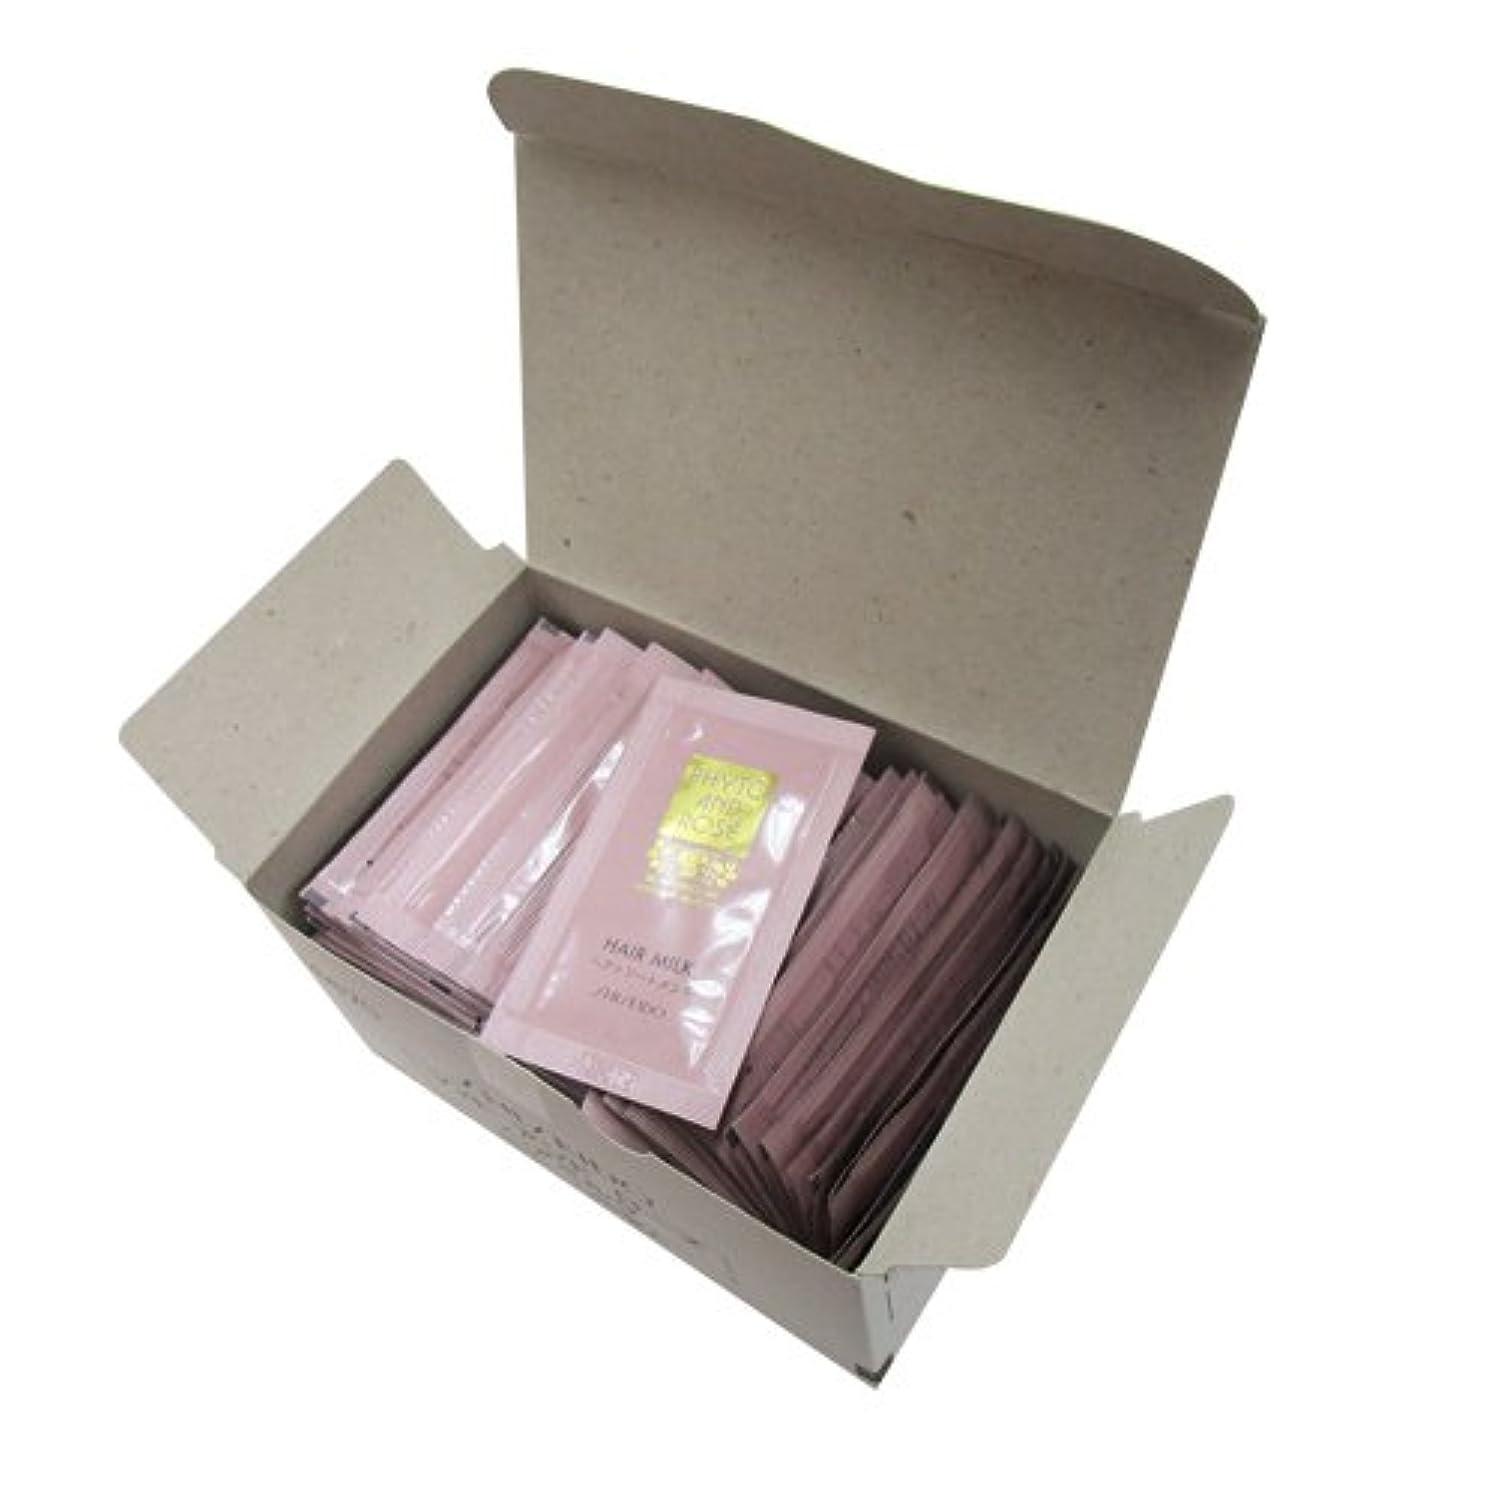 絶対の排出スリット資生堂 フィト アンド ローズ ヘアミルク(3ml) 125個入